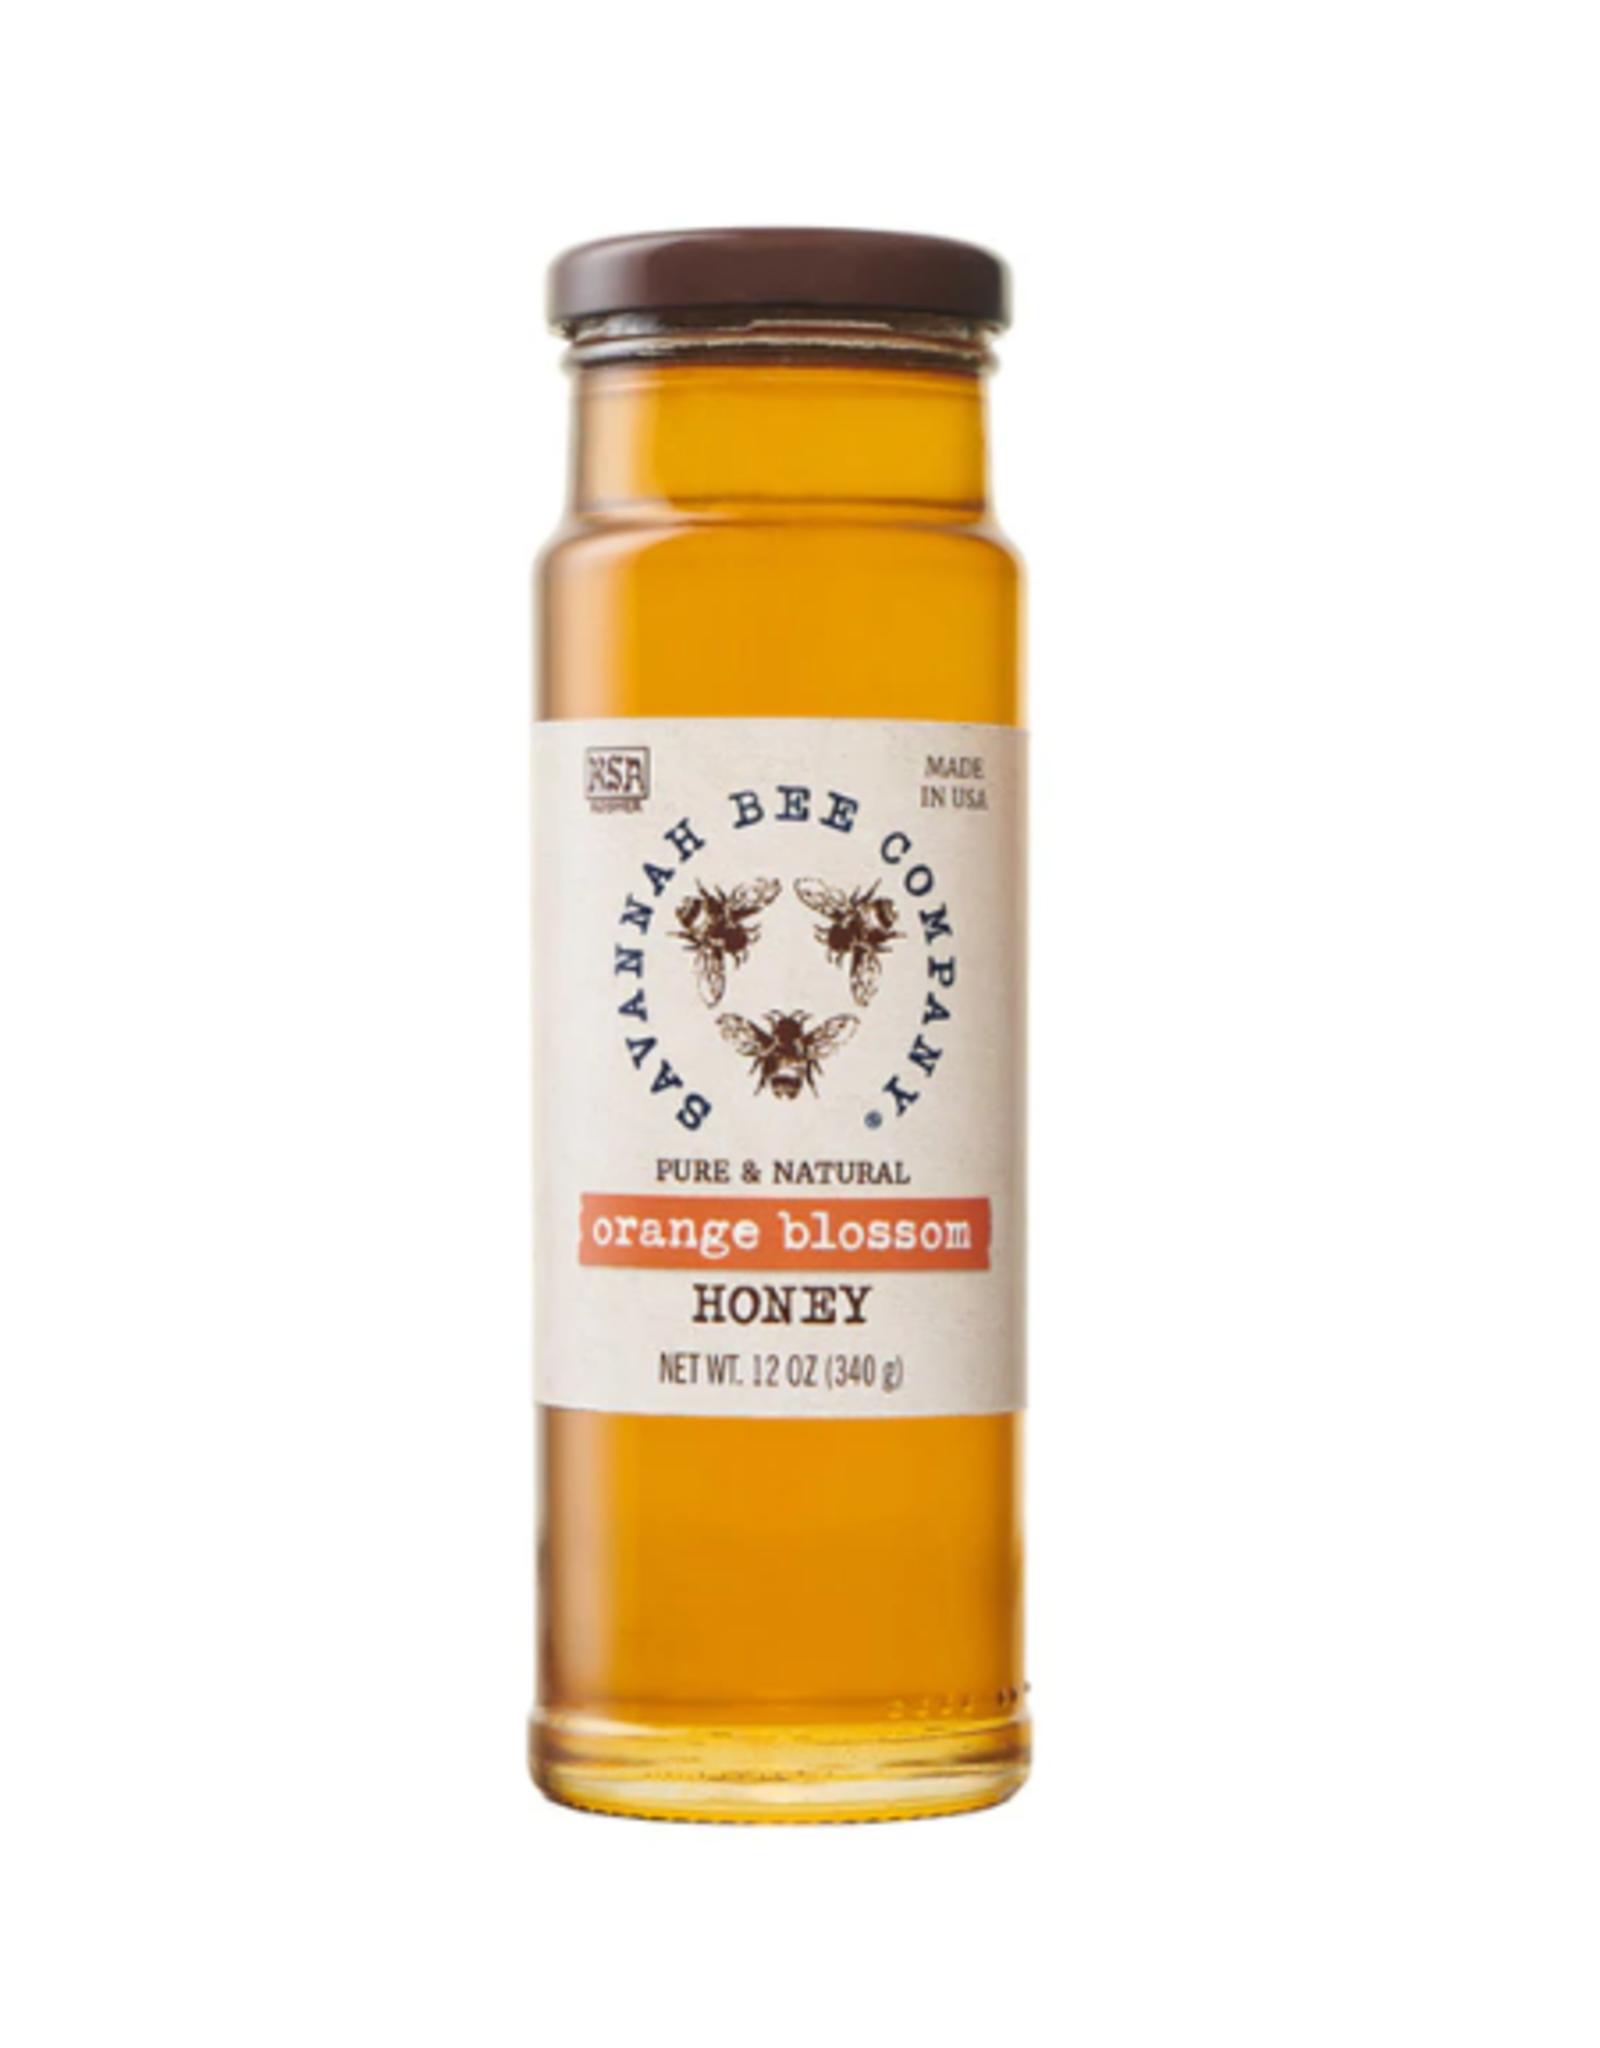 Savannah Bee Orange Blossom Honey 12oz